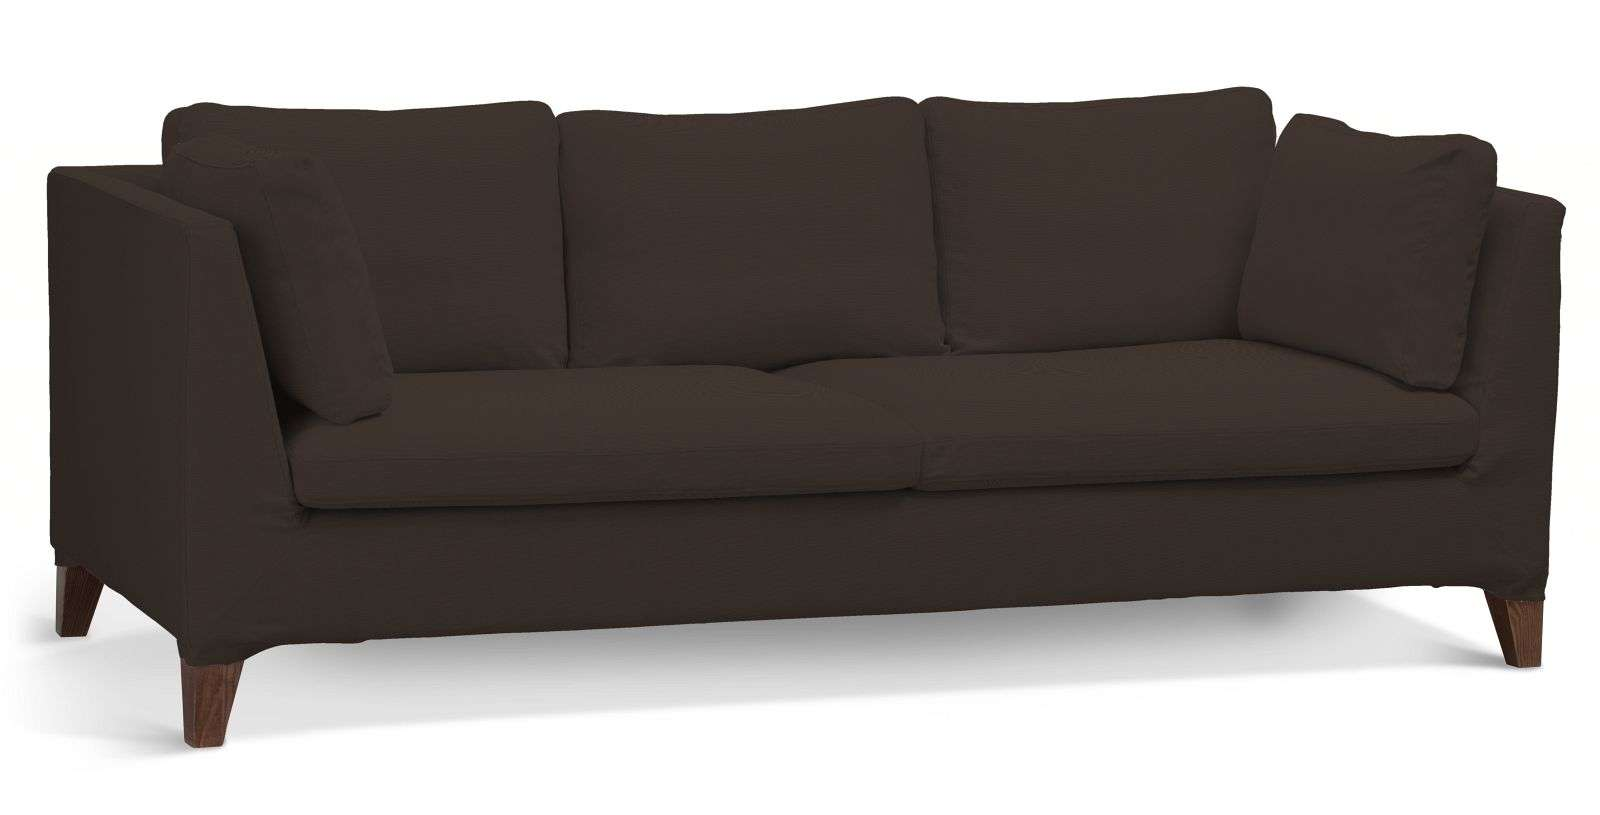 Pokrowiec na sofę Stockholm 3-osobową sofa Stockholm 3-osobowa w kolekcji Cotton Panama, tkanina: 702-03